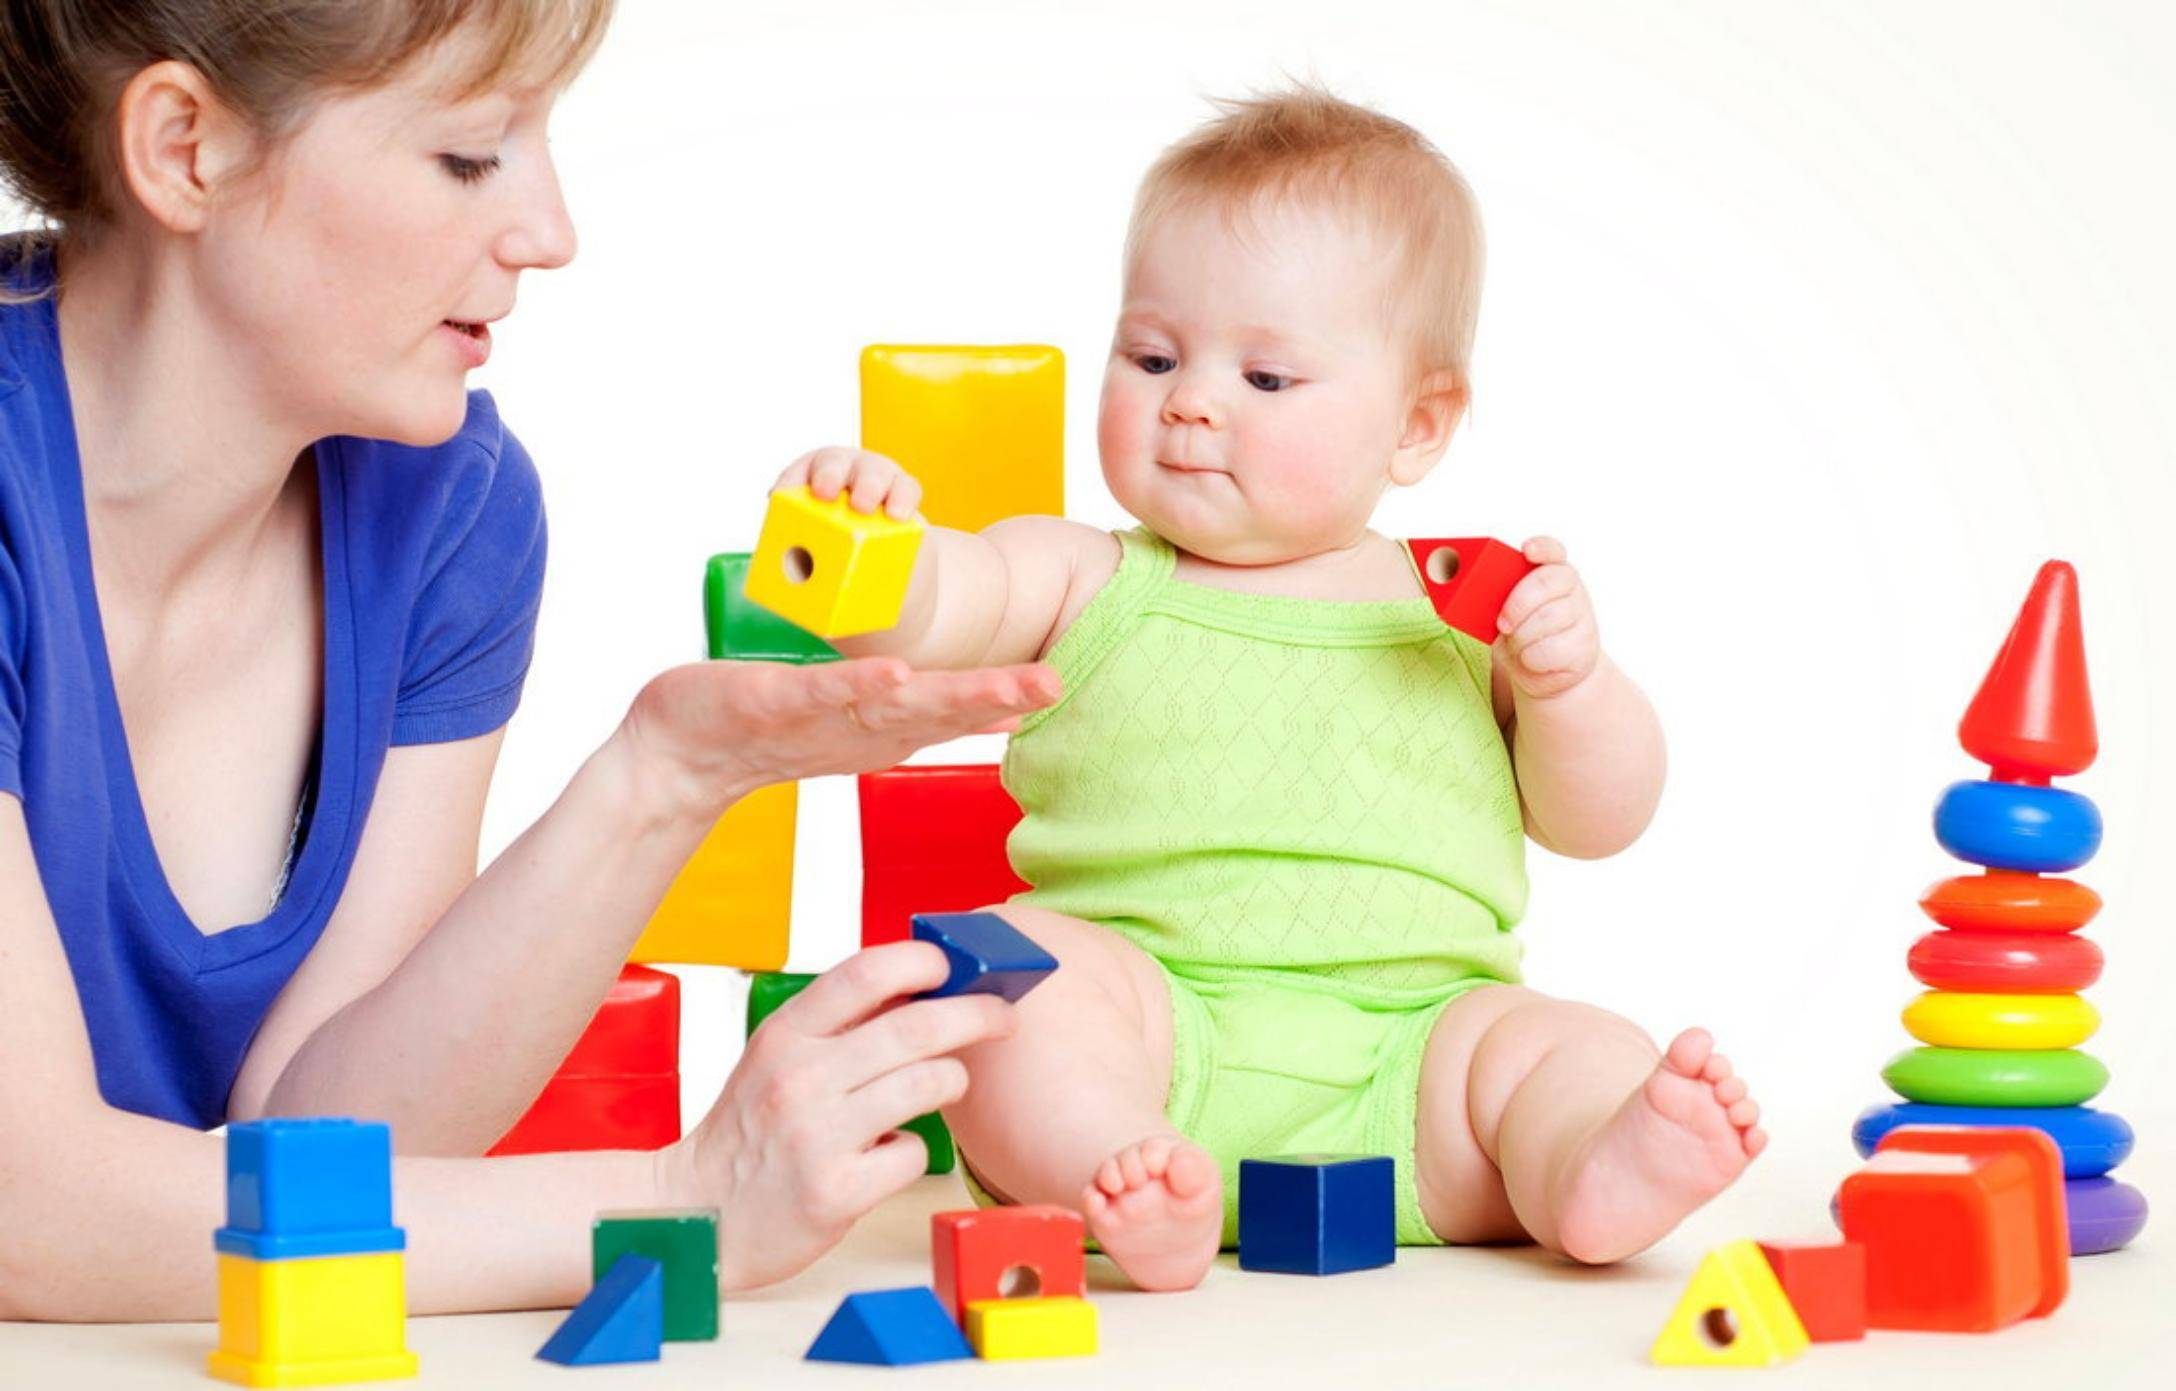 Как развивать ребенка в 1, 2, 3, 4, 5, 6 месяцев   игры и игрушки для новорожденных и грудничков   жили-были